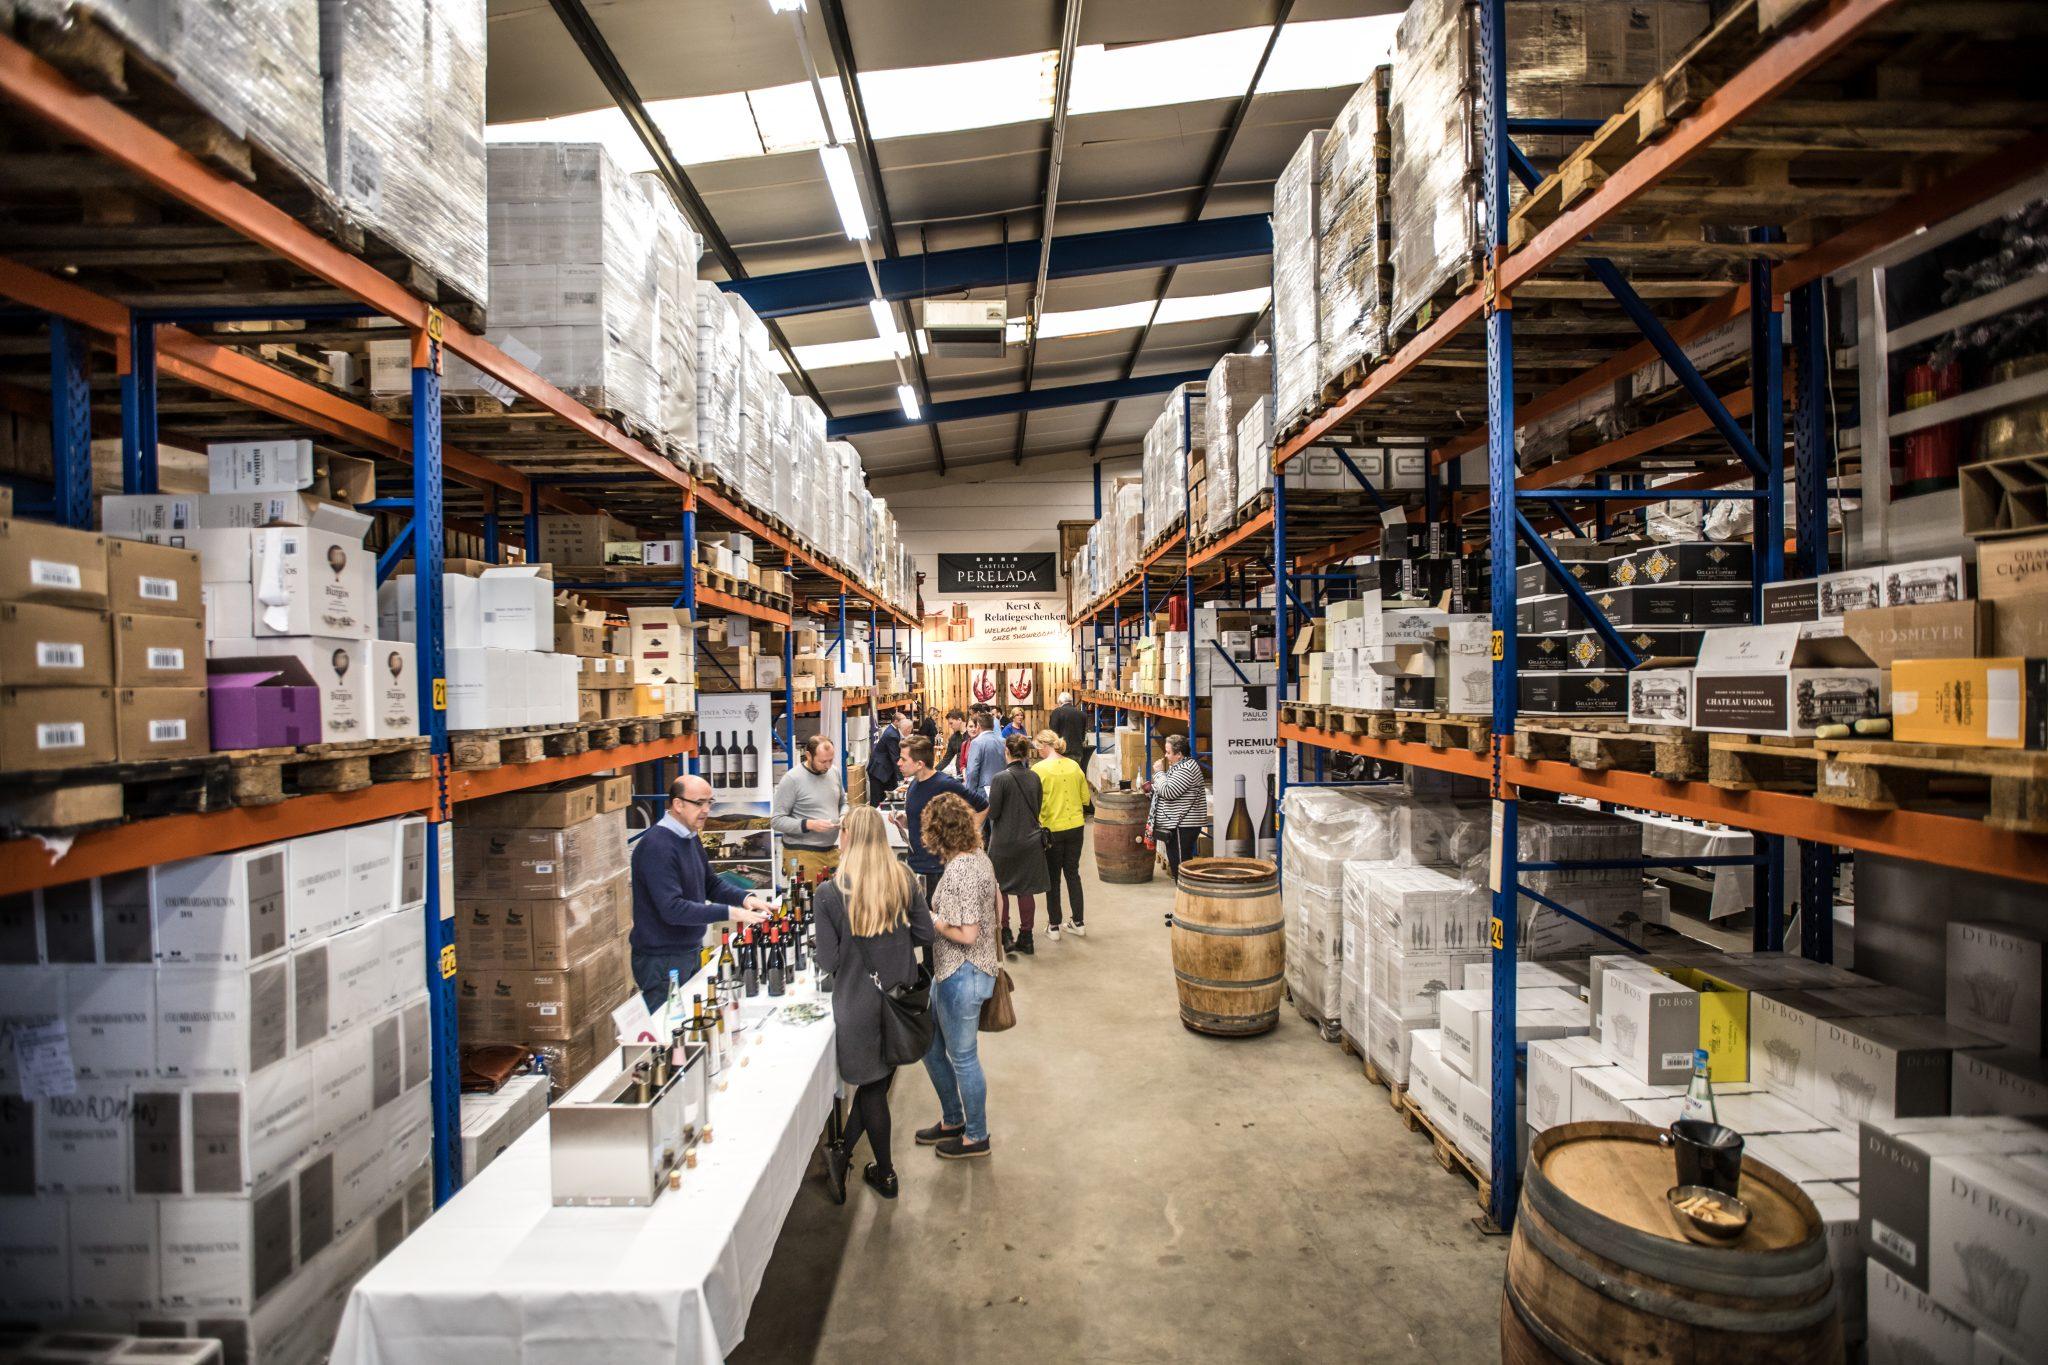 Wijnhandel Noordman